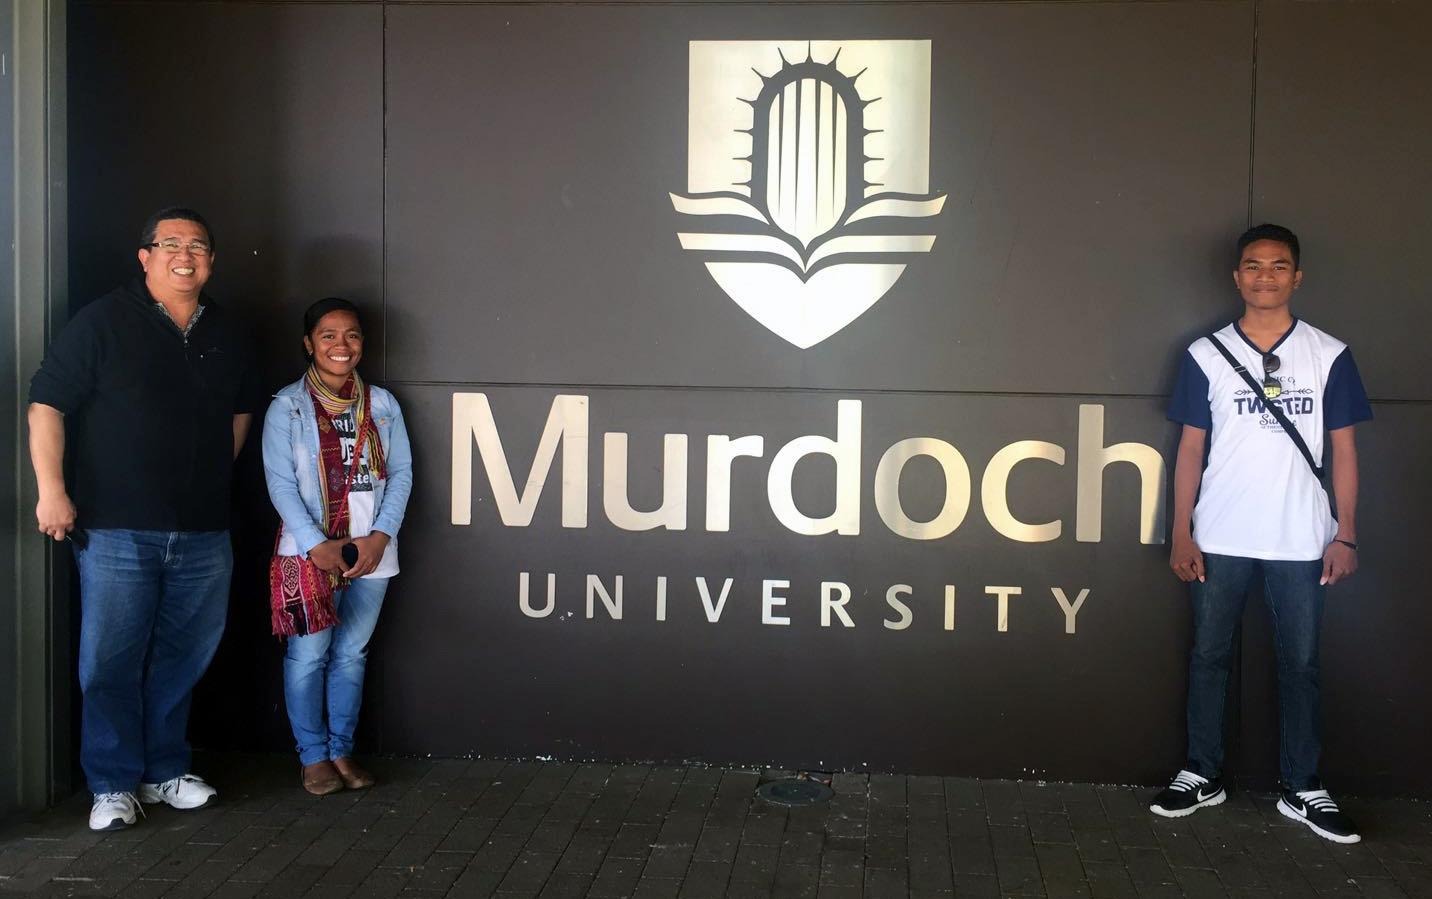 Murdoch University visit